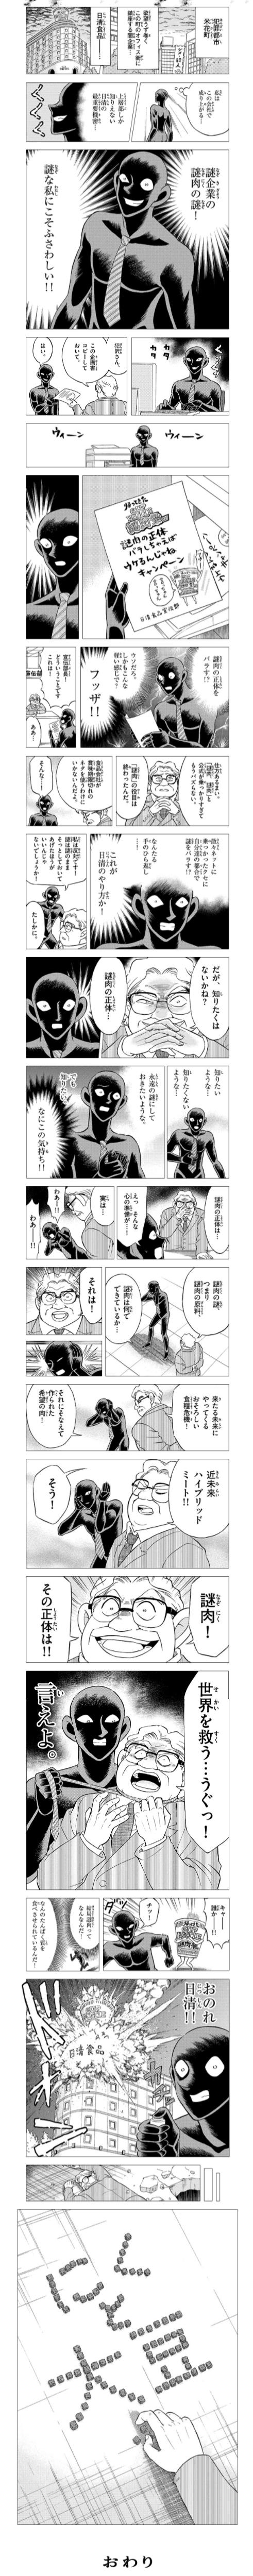 名探偵コナン カップヌードル 謎肉 大豆に関連した画像-03